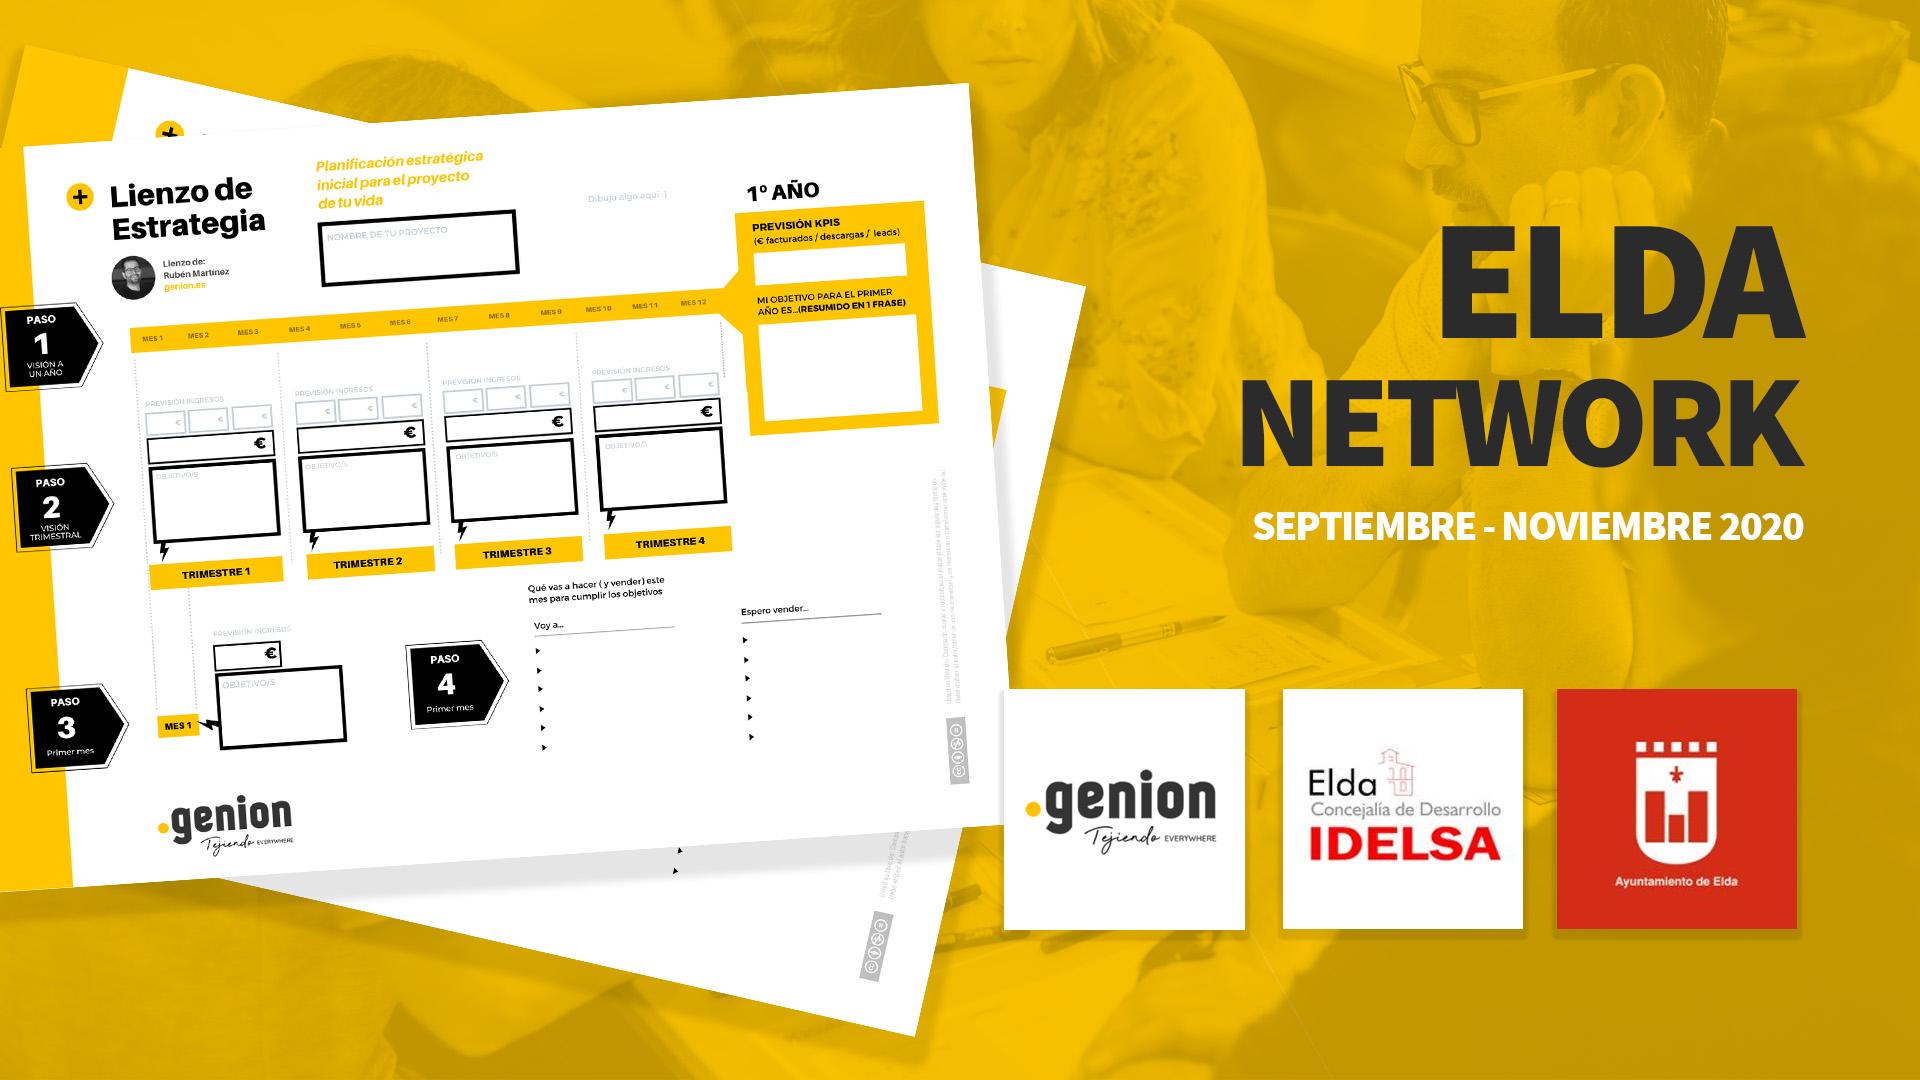 La plataforma Elda Network puesta en marcha por Idelsa activa los 30 primeros perfiles innovadores de la ciudad